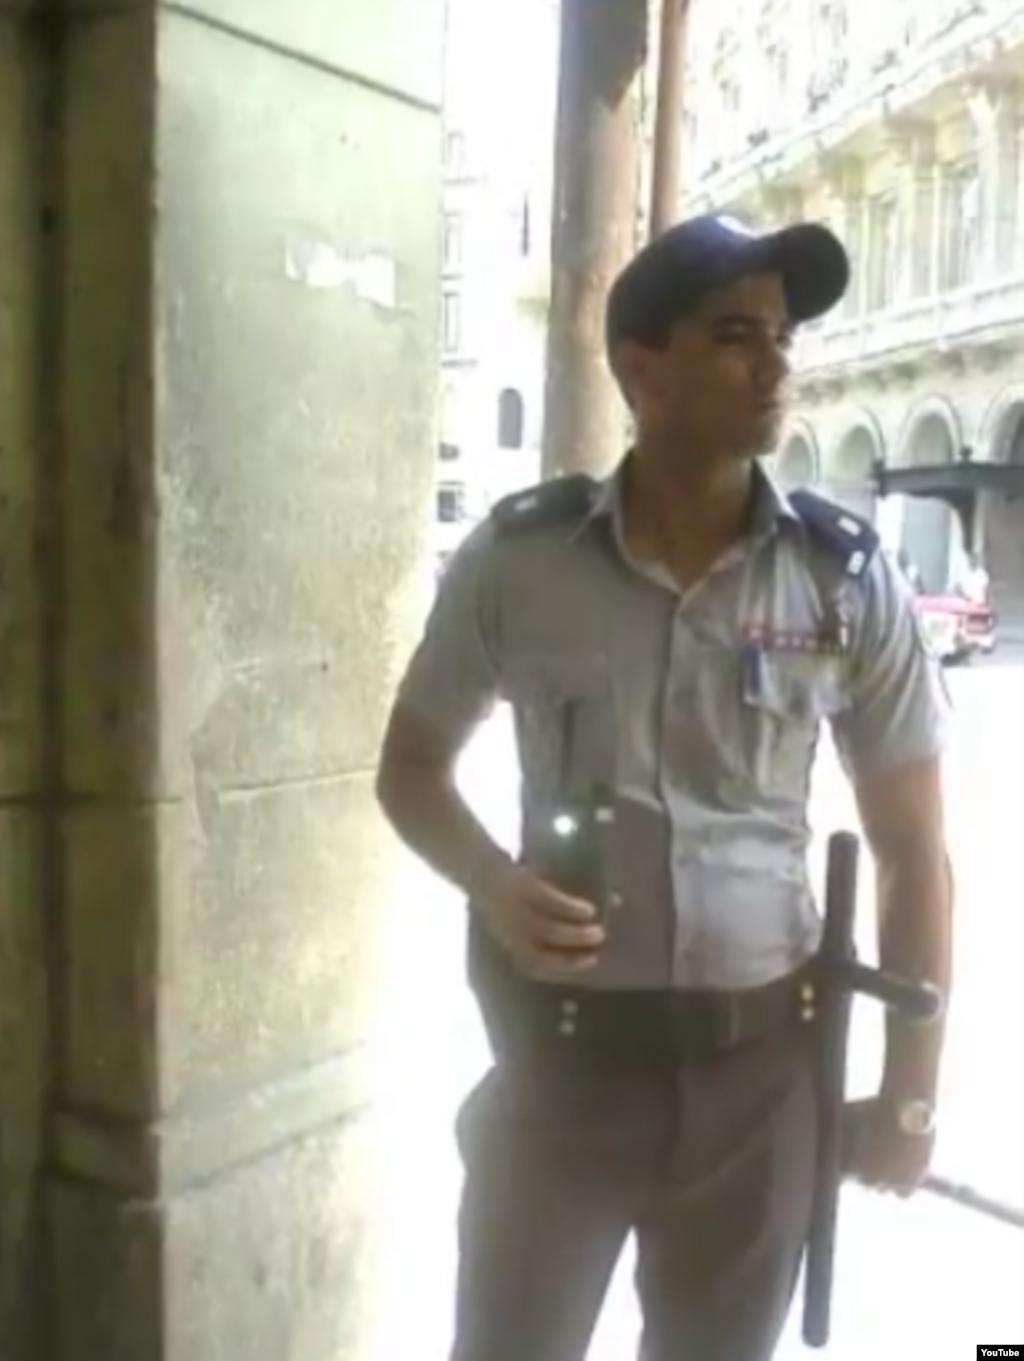 Reporta Cuba policias vigilan opositores